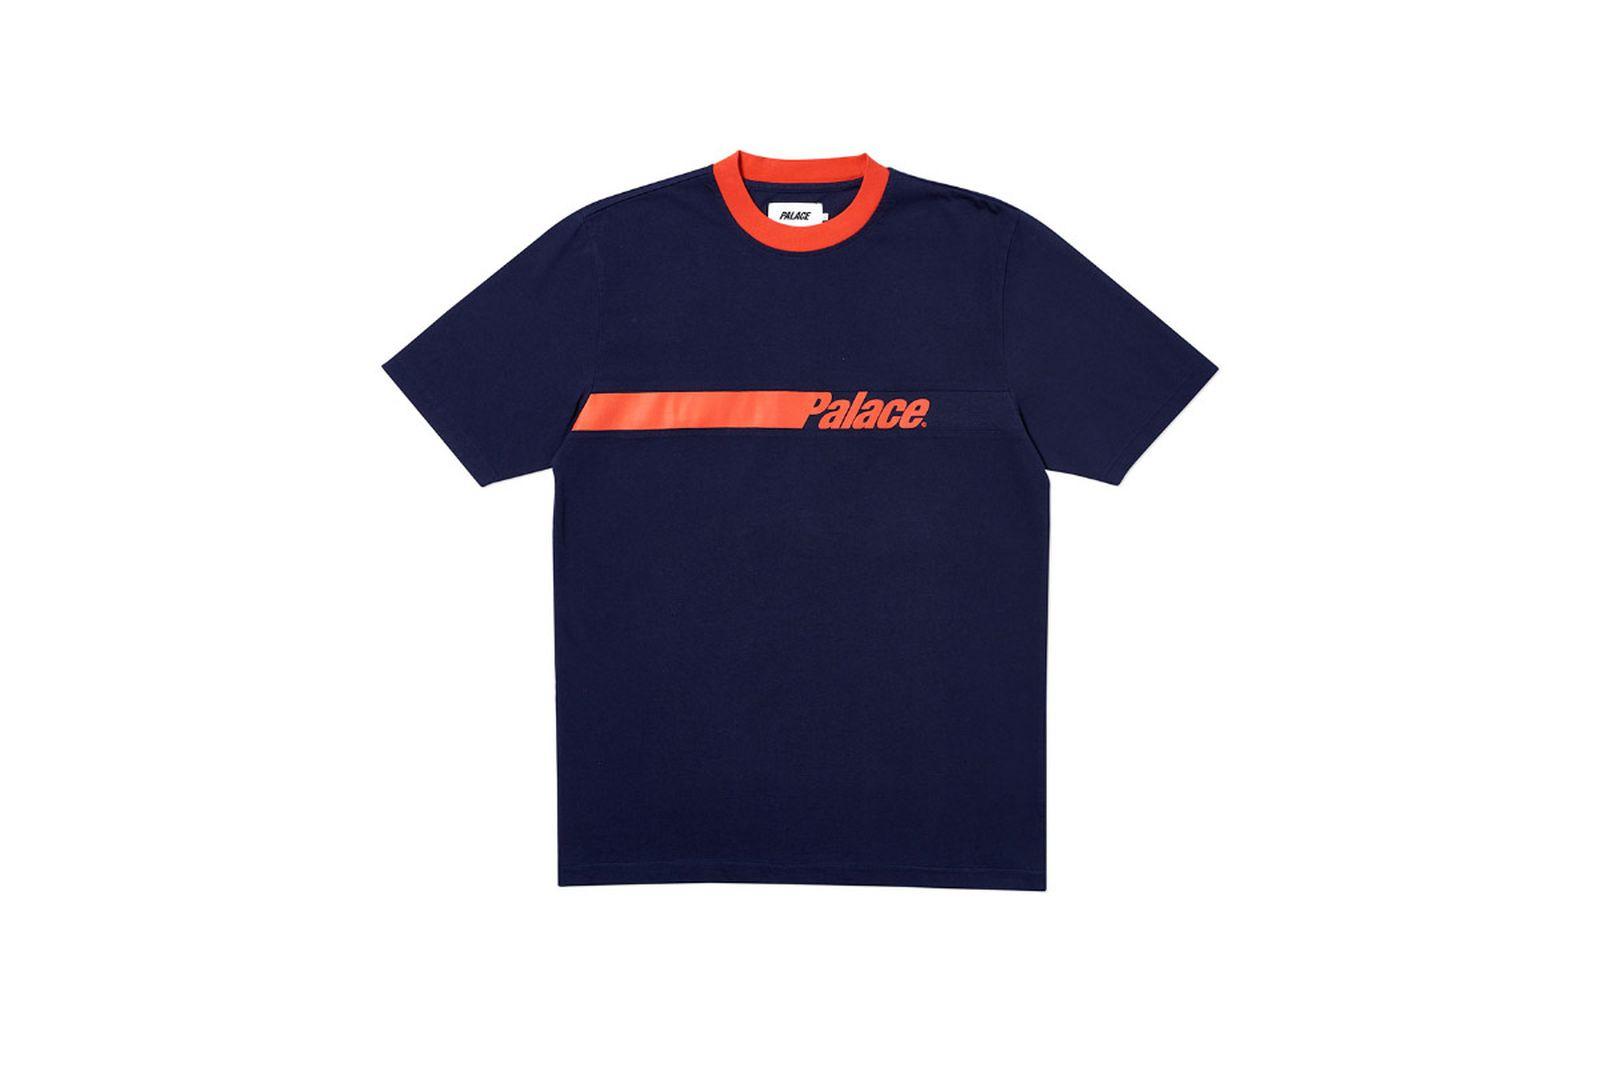 Palace 2019 Autumn T Shirt Tonka navy